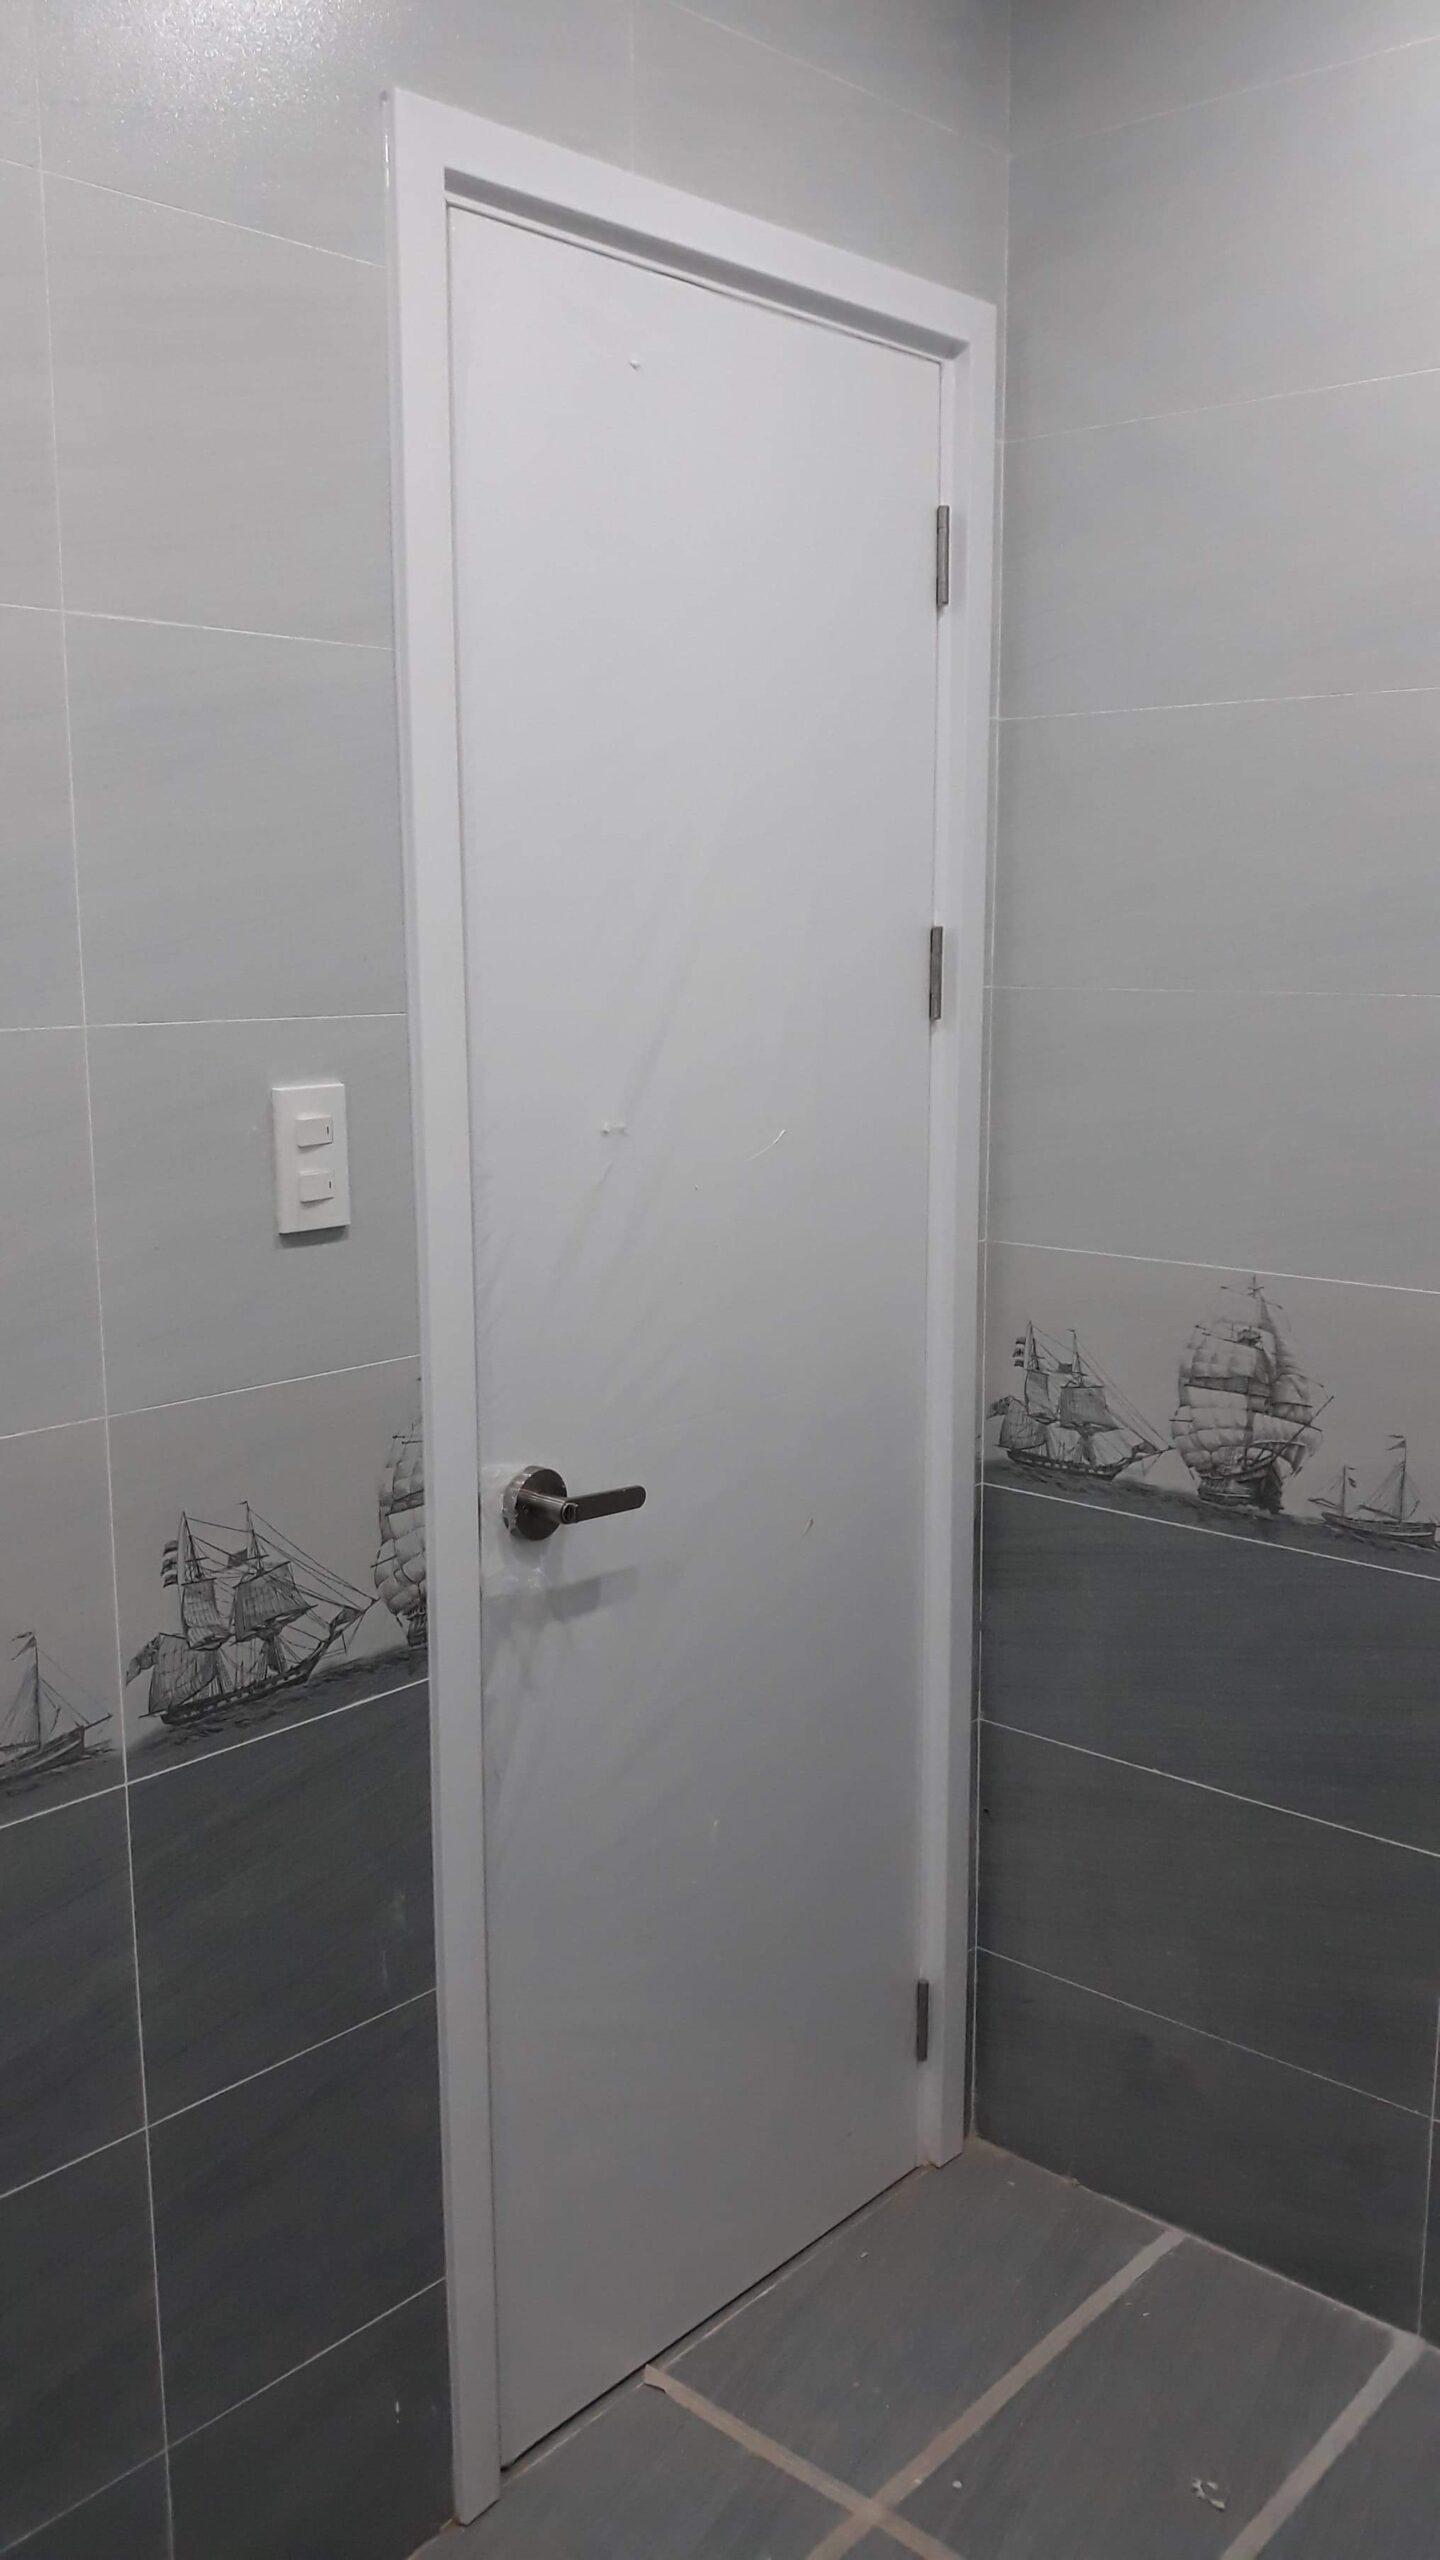 Cửa nhựa gỗ Composite - cửa chuyên dùng cho nhà vệ sinh